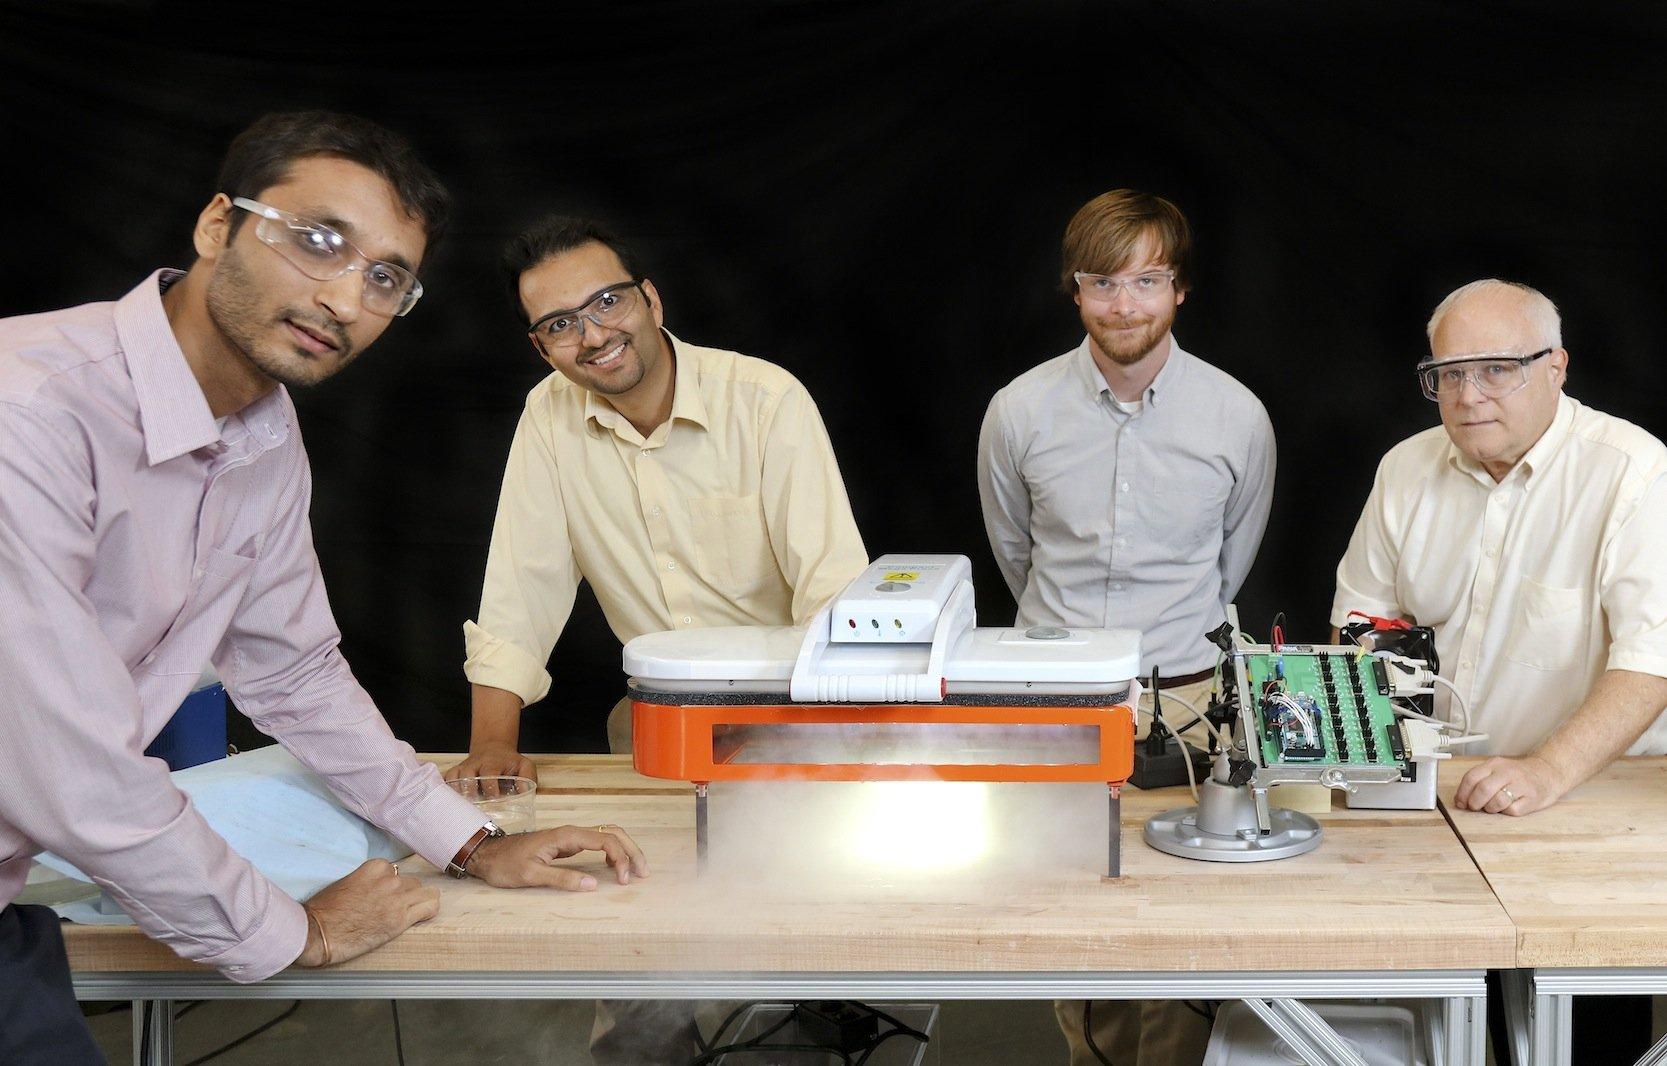 Ingenieure desOak Ridge National Laboratory in Tennessee hatten die Idee, die Feuchtigkeit aus der Wäsche mit Ultraschall zu vertreiben. Der entstehende Wasserdampf wird einfach abgesaugt.